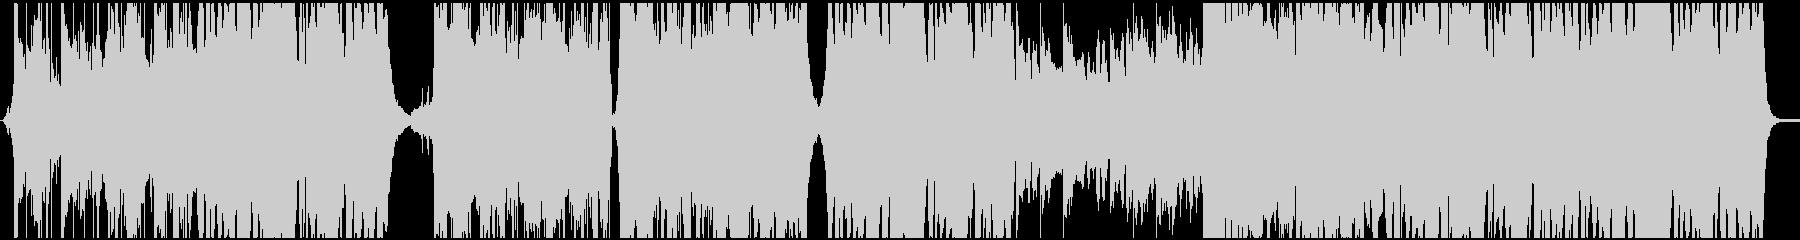 ポップ テクノ 実験的な フューチ...の未再生の波形